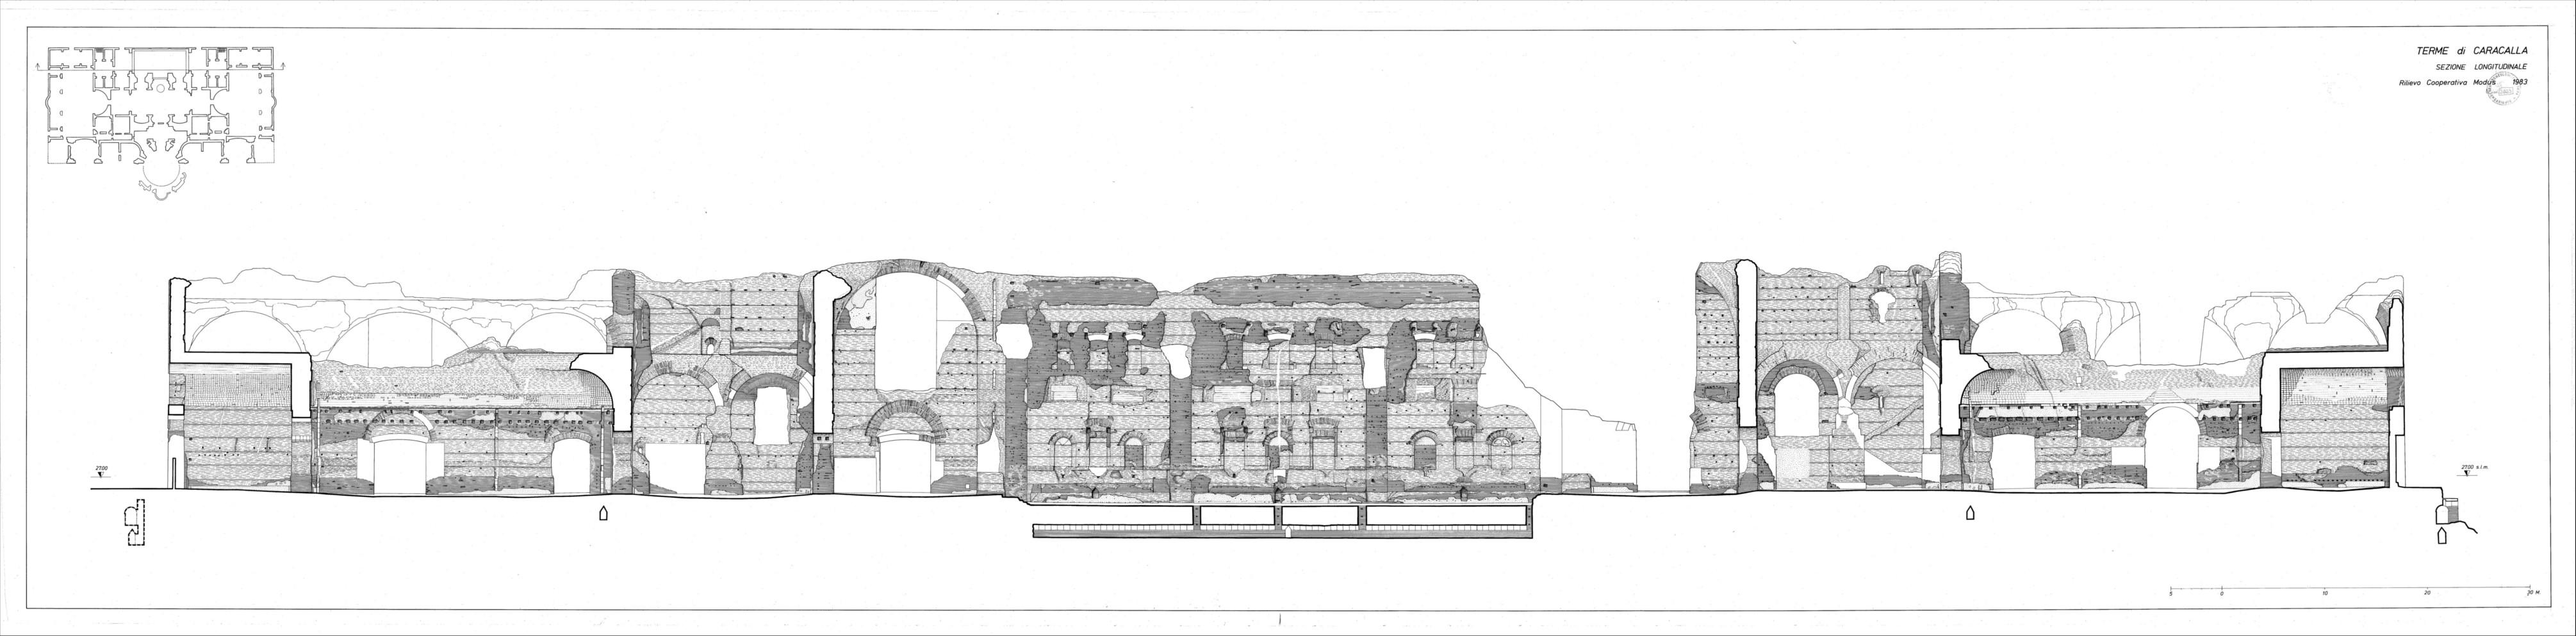 Terme di Caracalla sezione prospetto 1:200